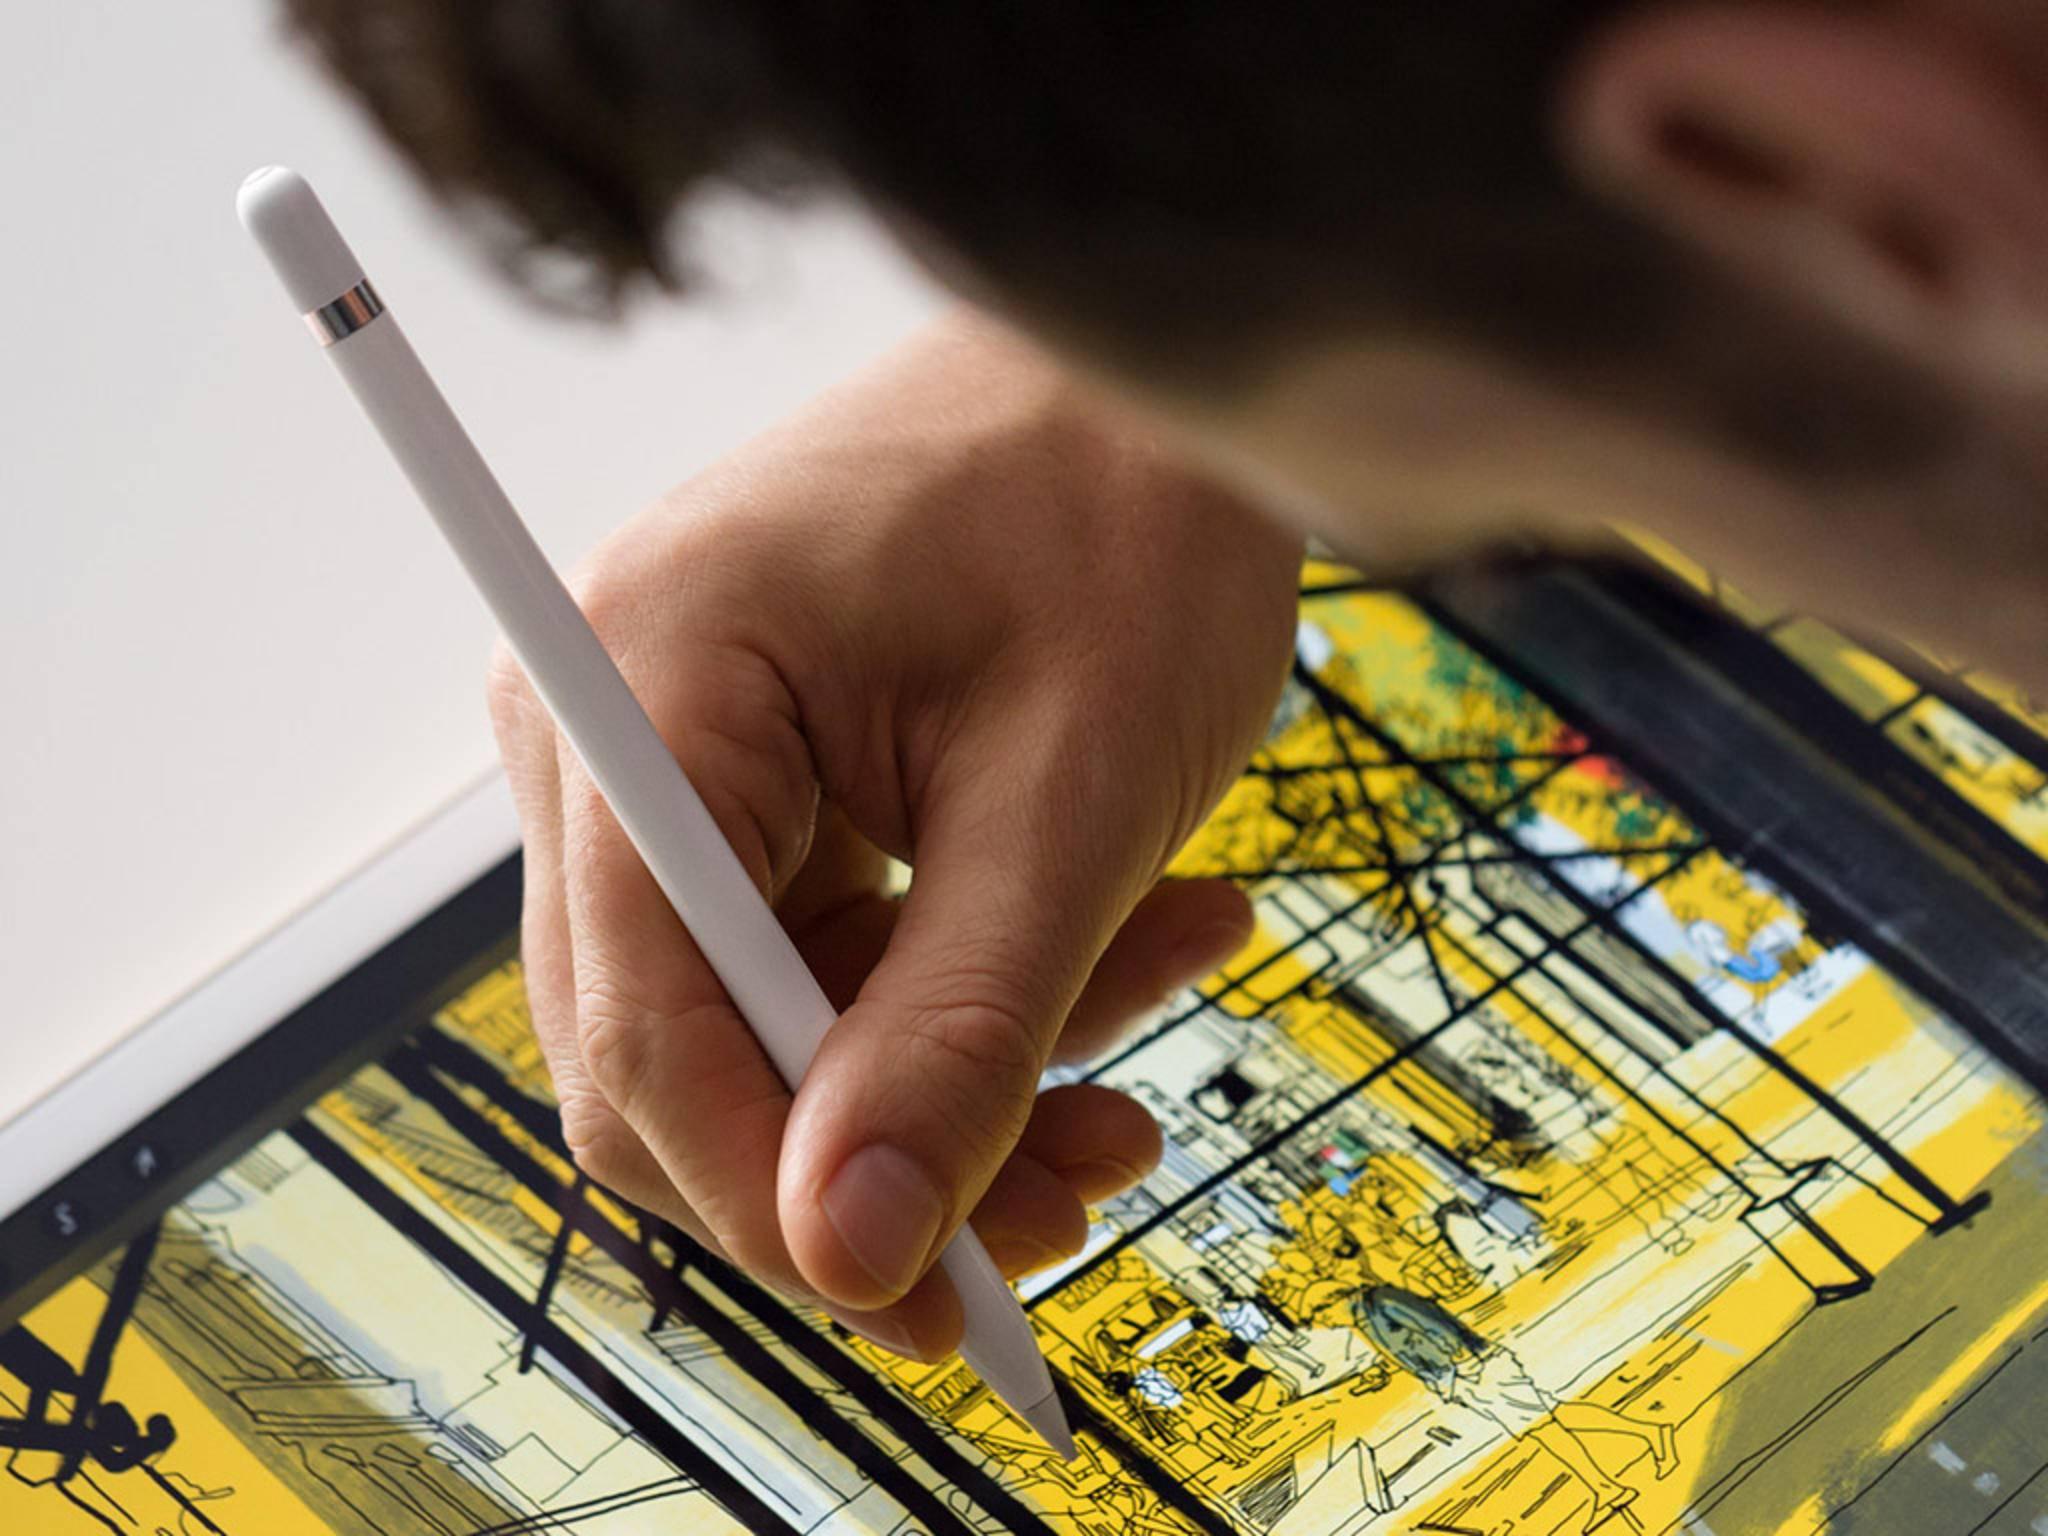 Der Pencil für das iPad Pro erfreut sich offenbar großer Beliebtheit.